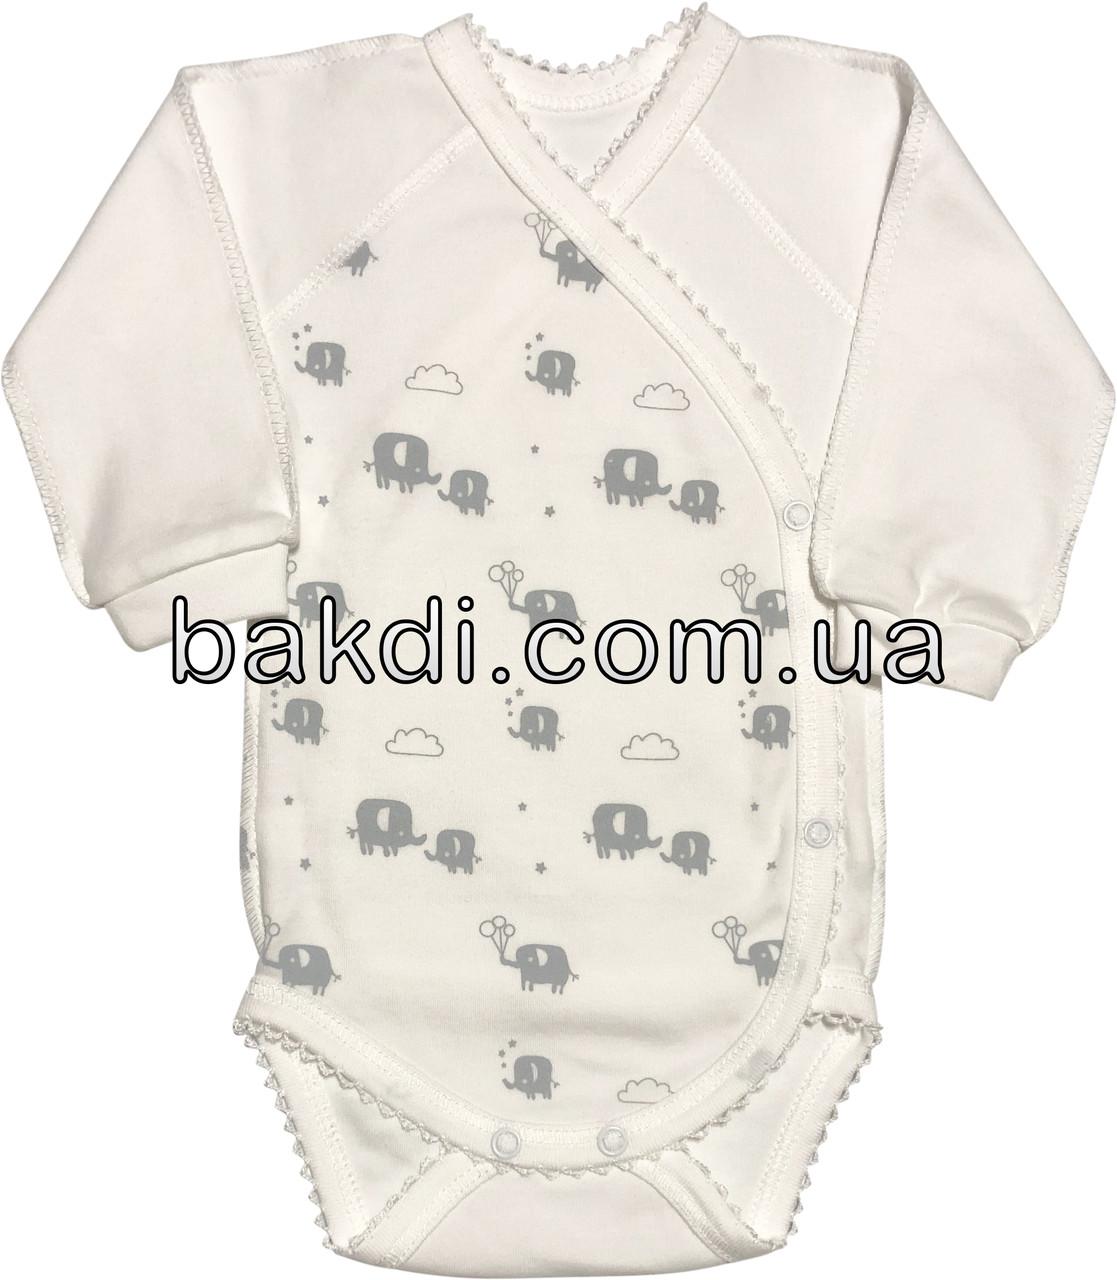 Детское боди для новорожденных рост 68 3-6 мес на мальчика девочку трикотажное с длинным рукавом молочное